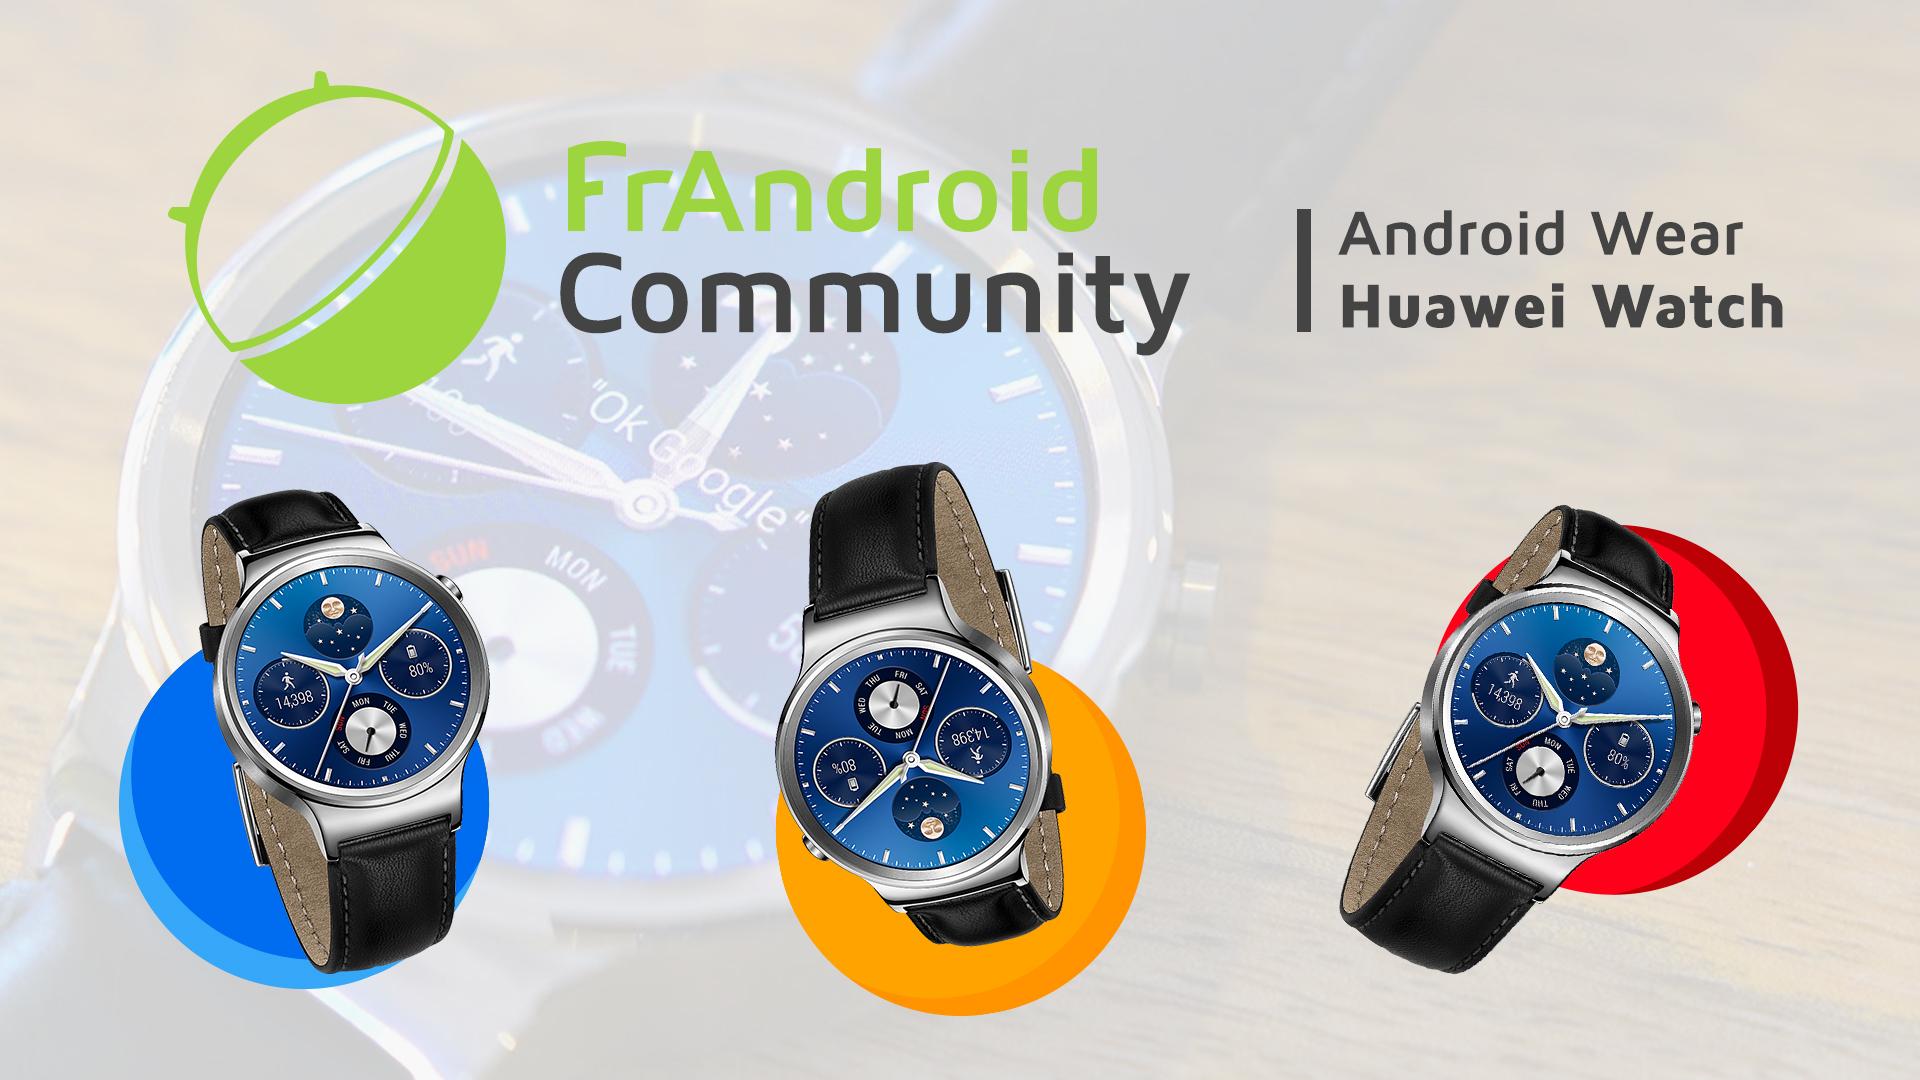 FrAndroid Community : Venez tester Android Wear et la Huawei Watch dans les locaux de FrAndroid